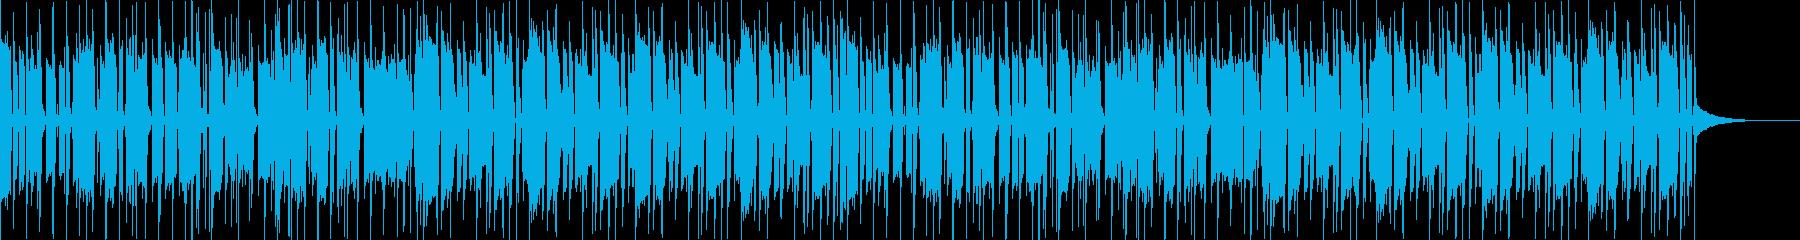 ベースが印象的なファンクの再生済みの波形